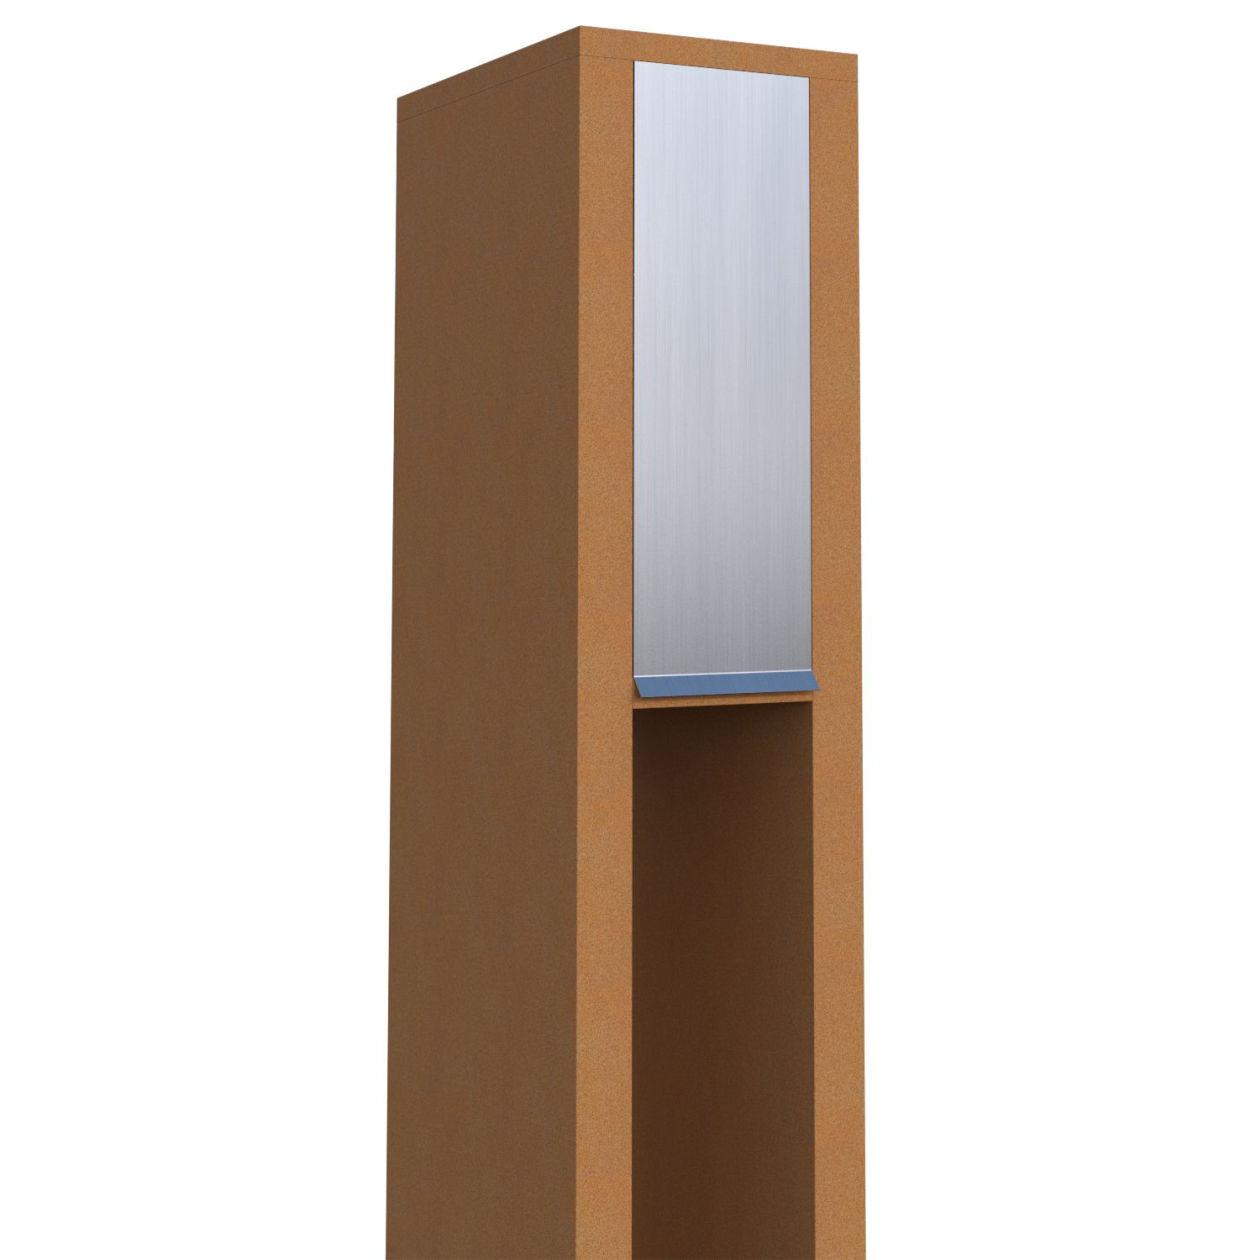 la zed bo tes sur pieds boite aux lettres sonette. Black Bedroom Furniture Sets. Home Design Ideas